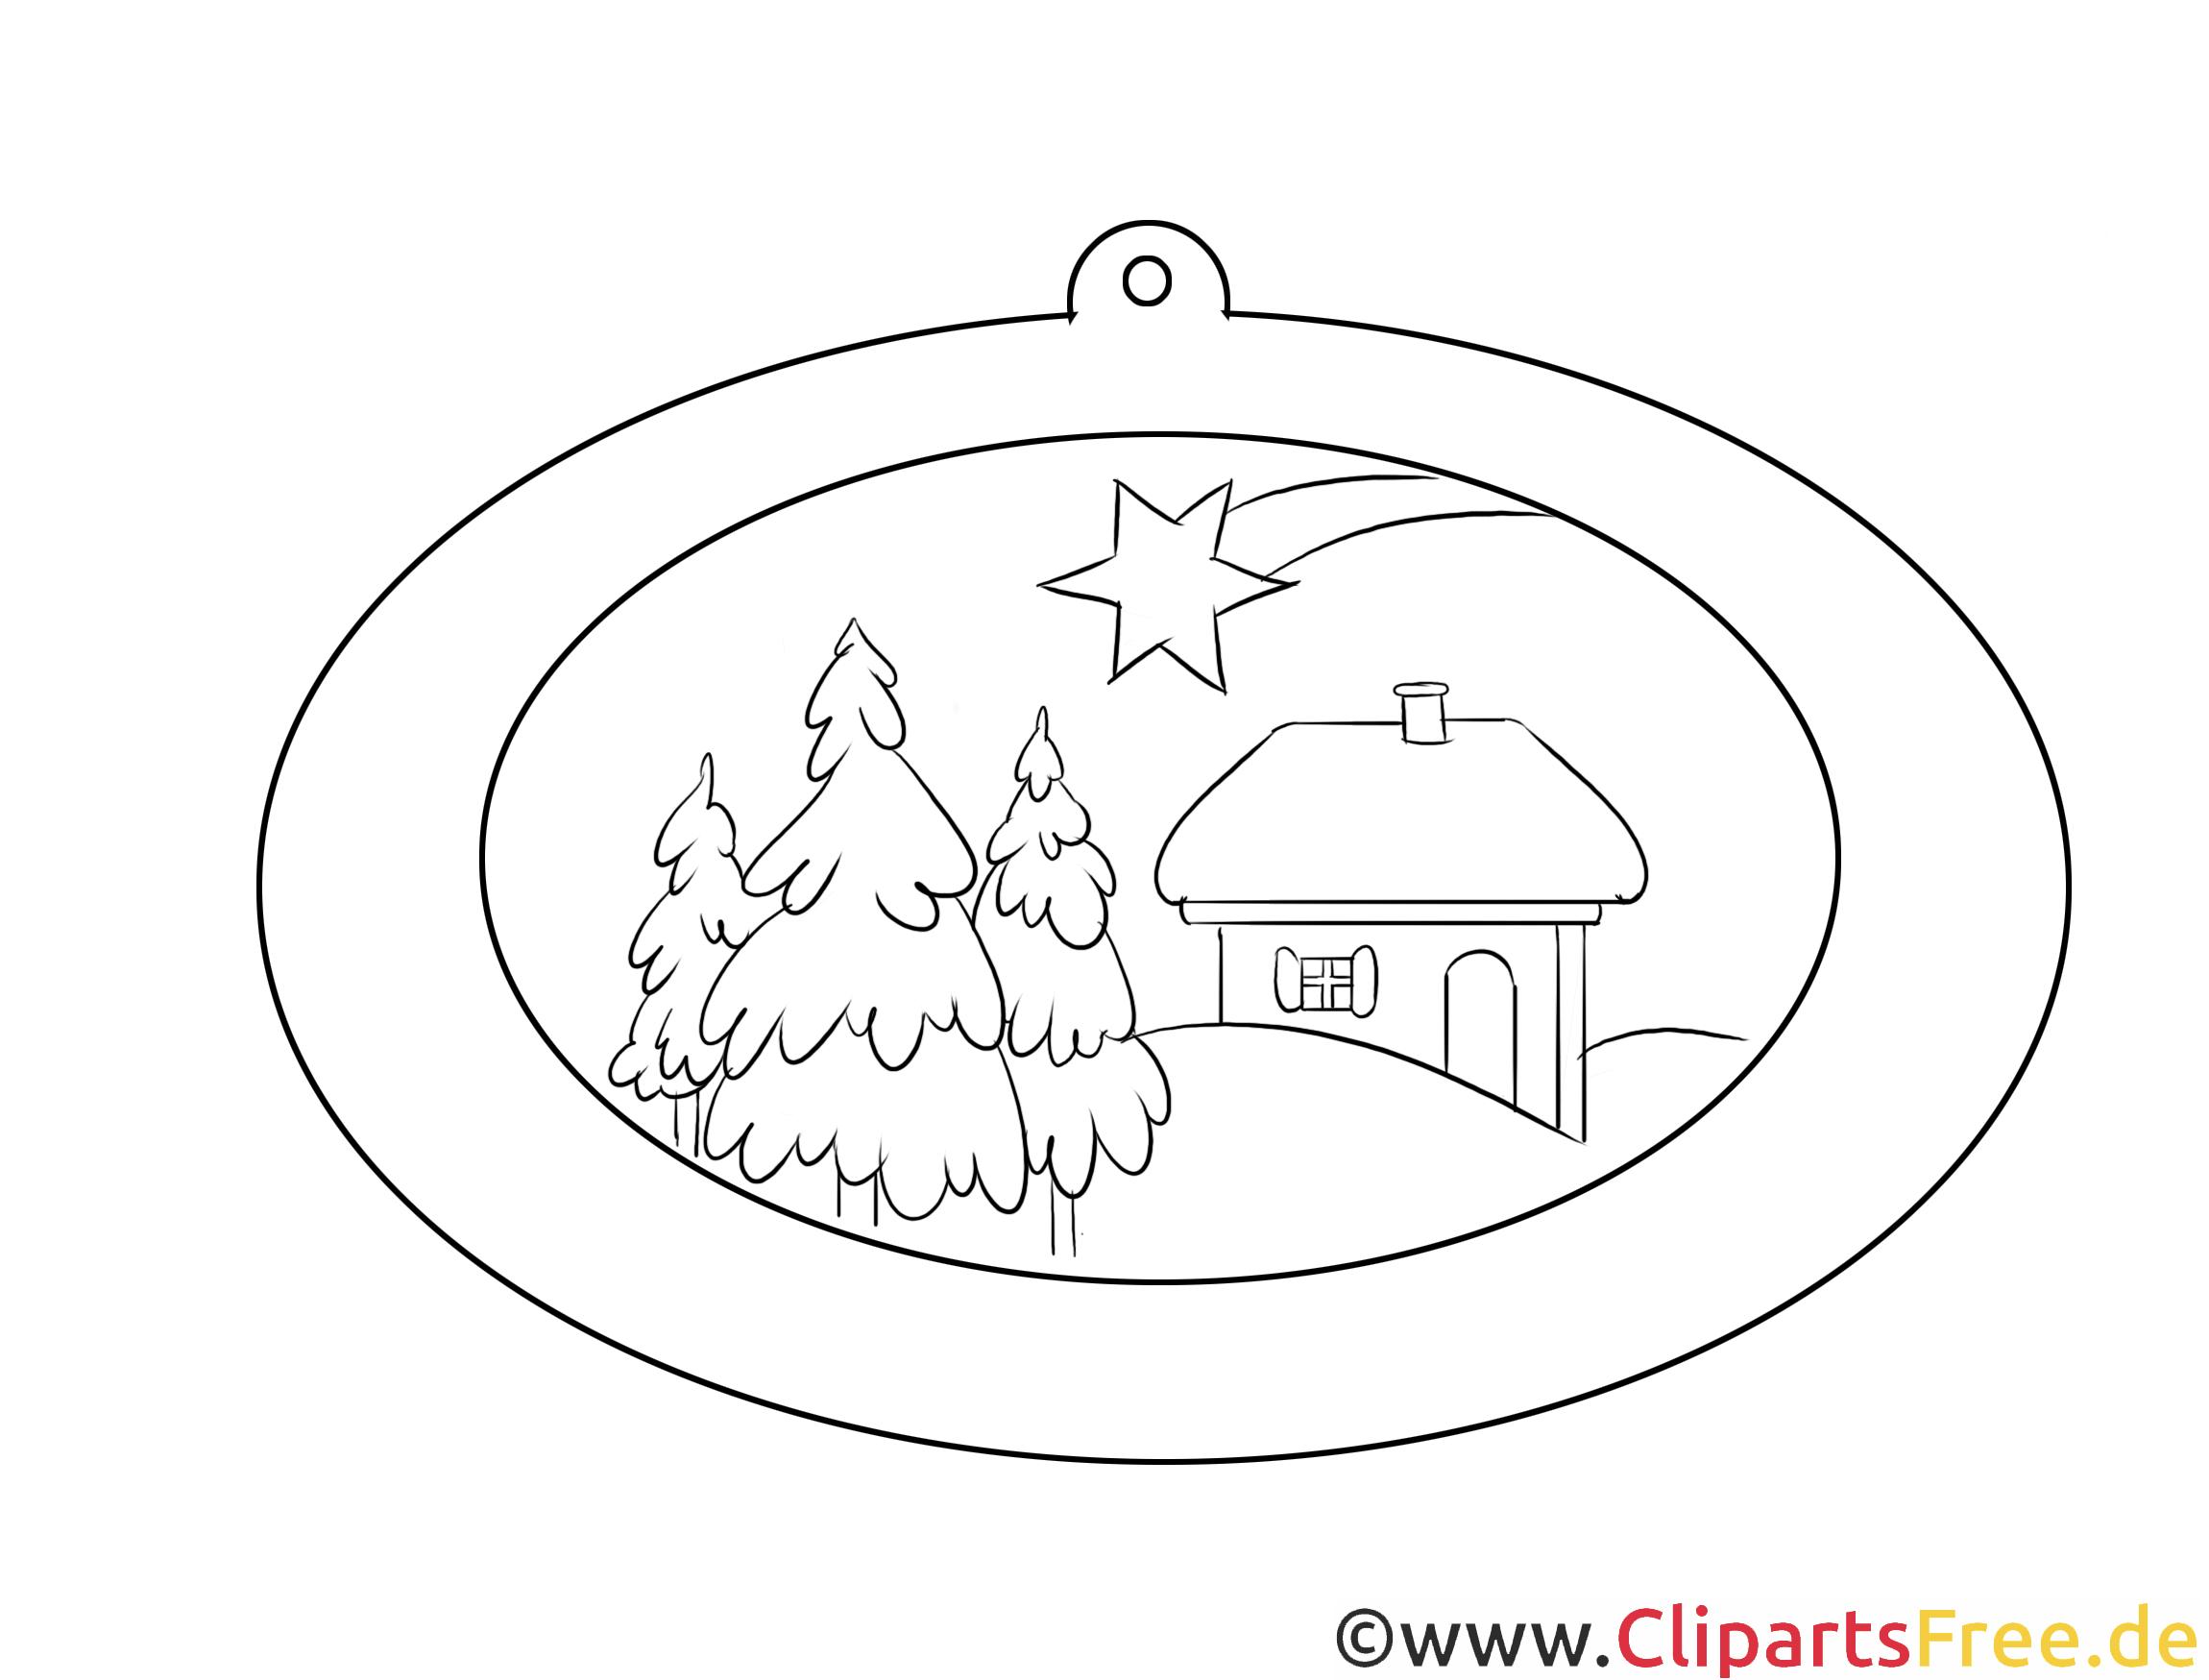 laubsägevorlagen weihnachten kostenlos downloaden